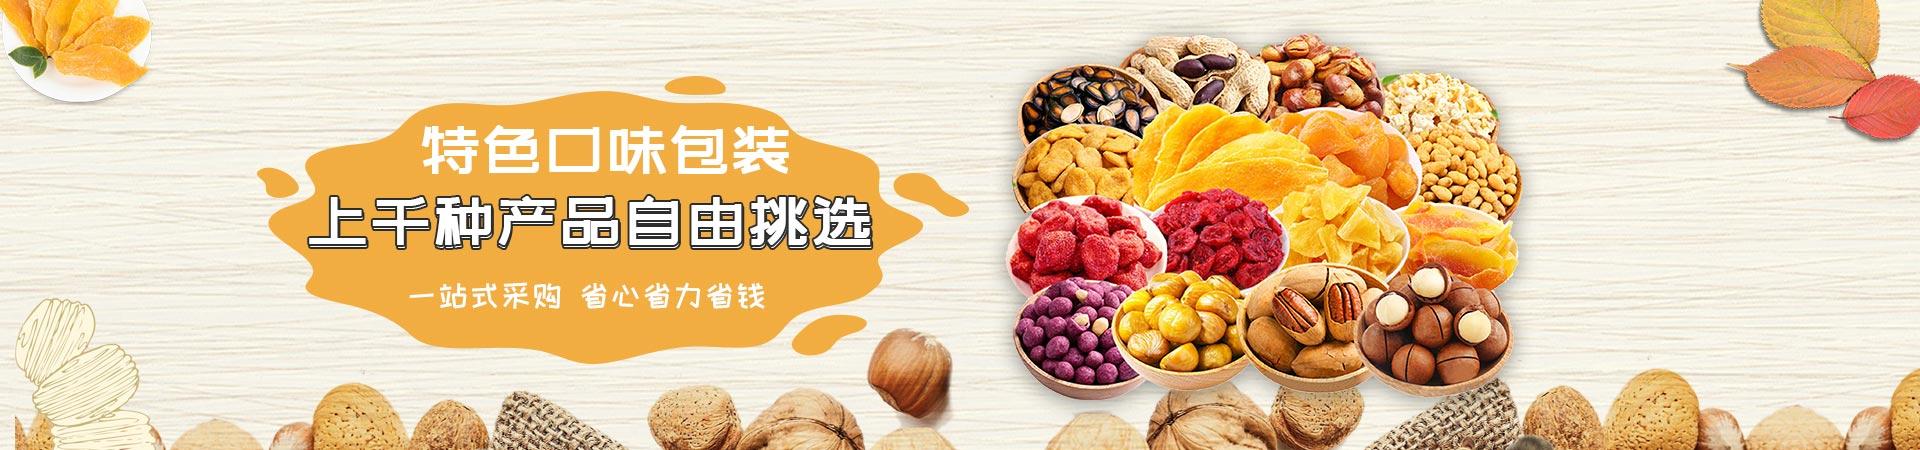 尚谷食品-特色口味包装,上千种产品自由挑选